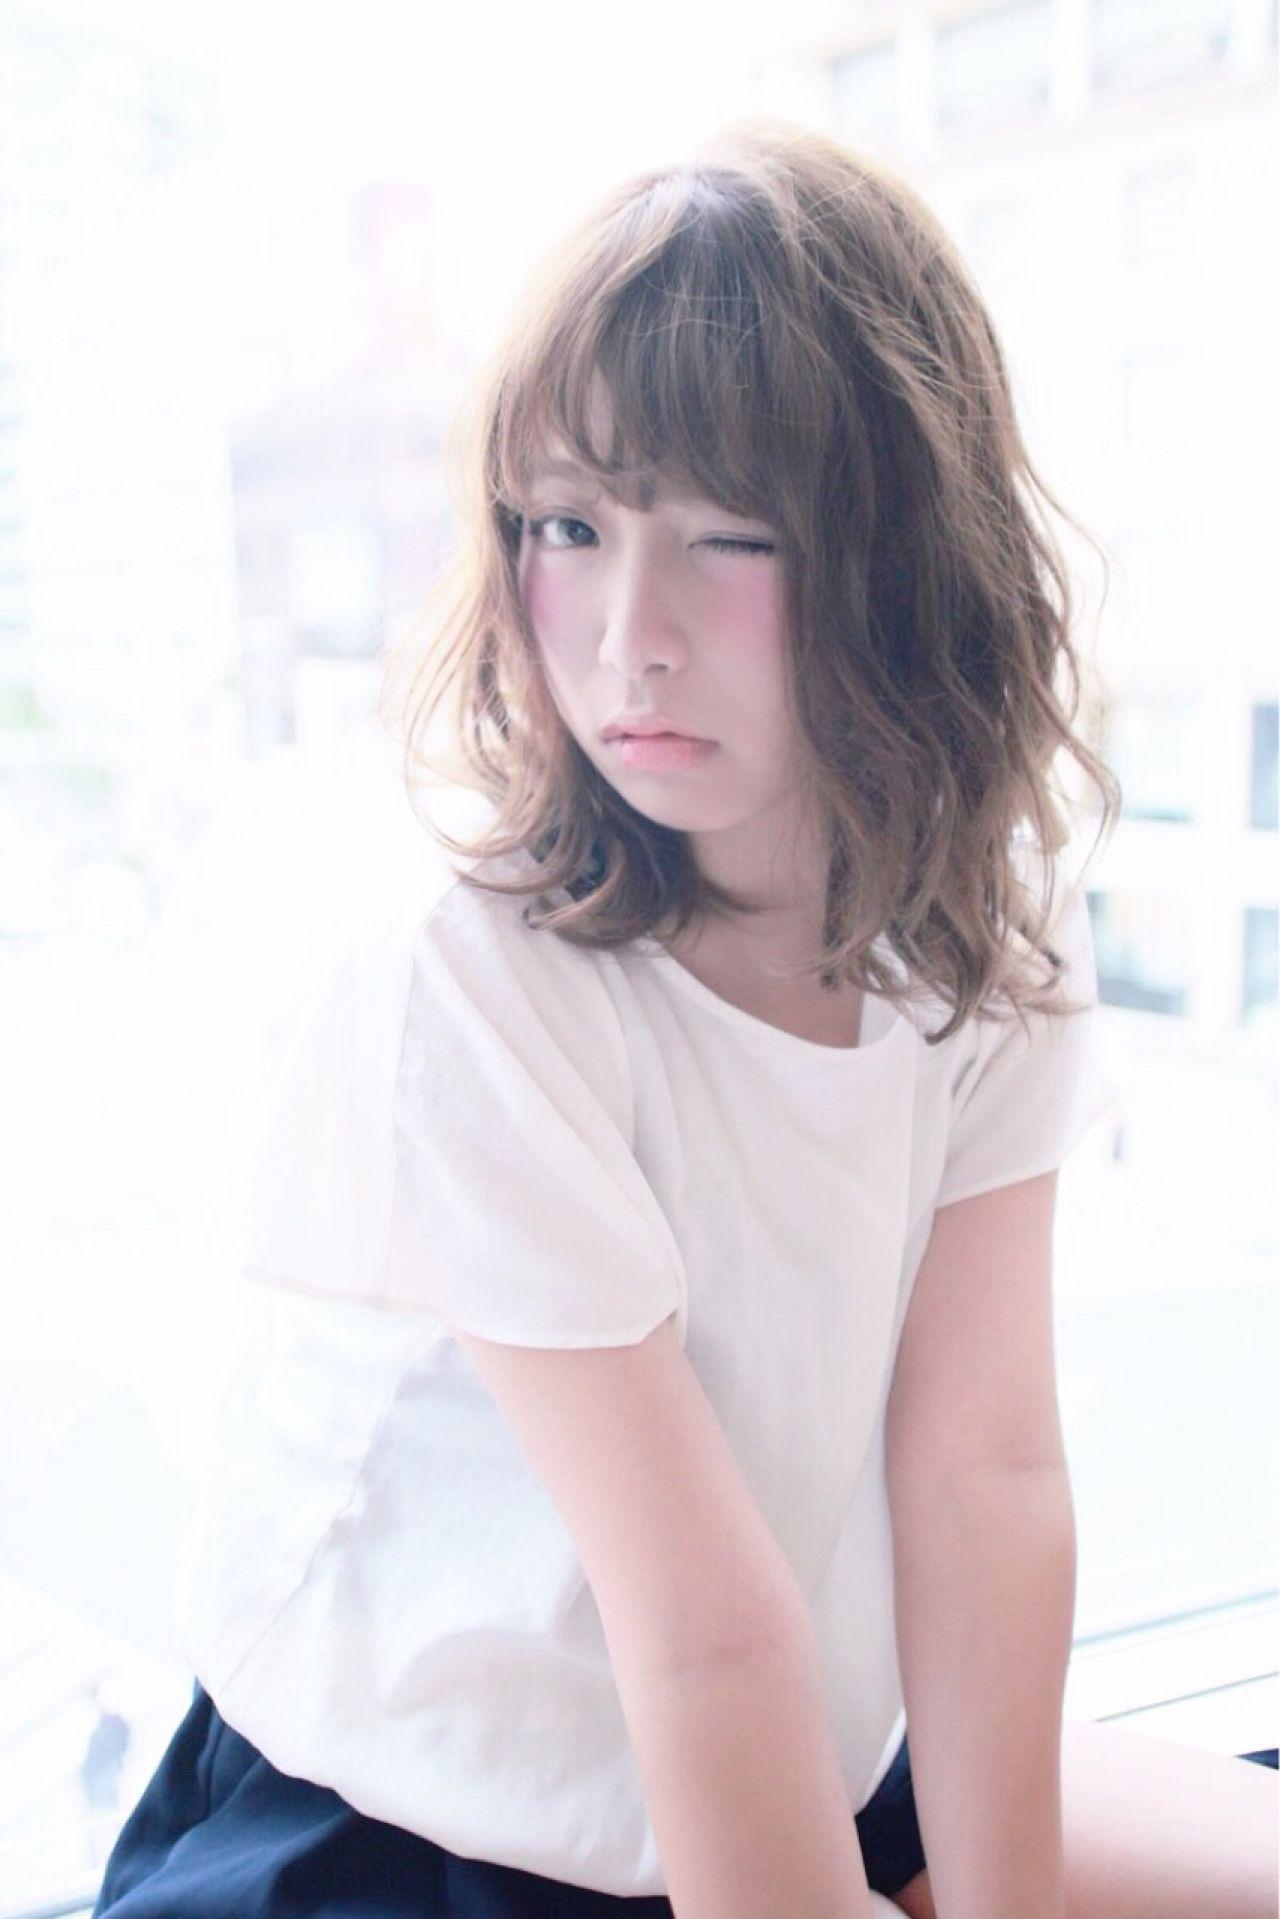 【似合う髪型診断】顔の形に似合うヘアスタイルって知ってる? mayu